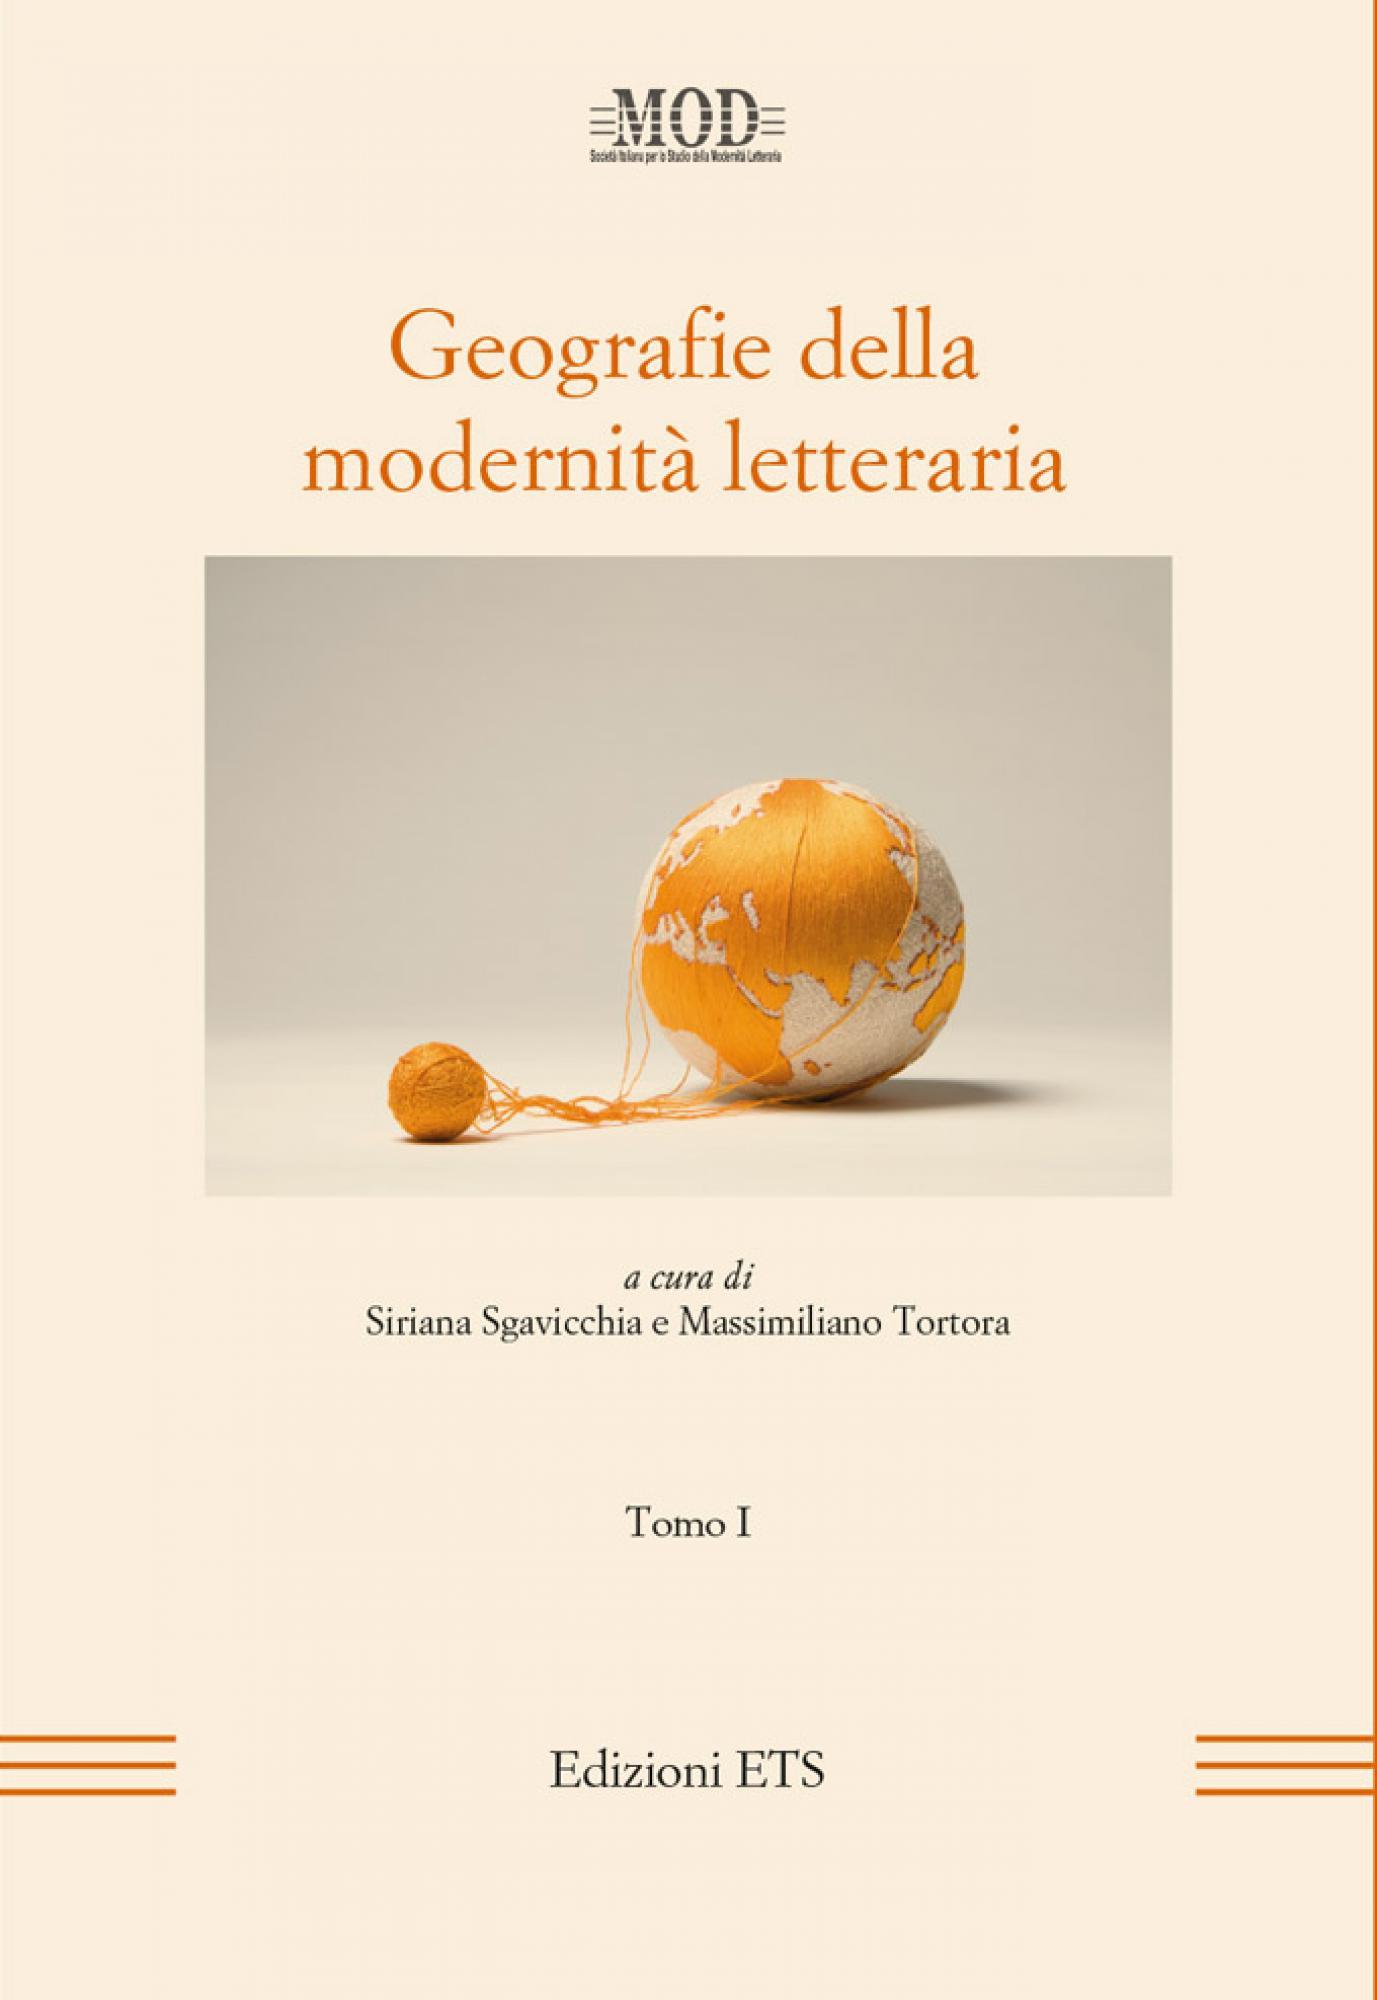 Geografie della modernità letteraria.Tomo I